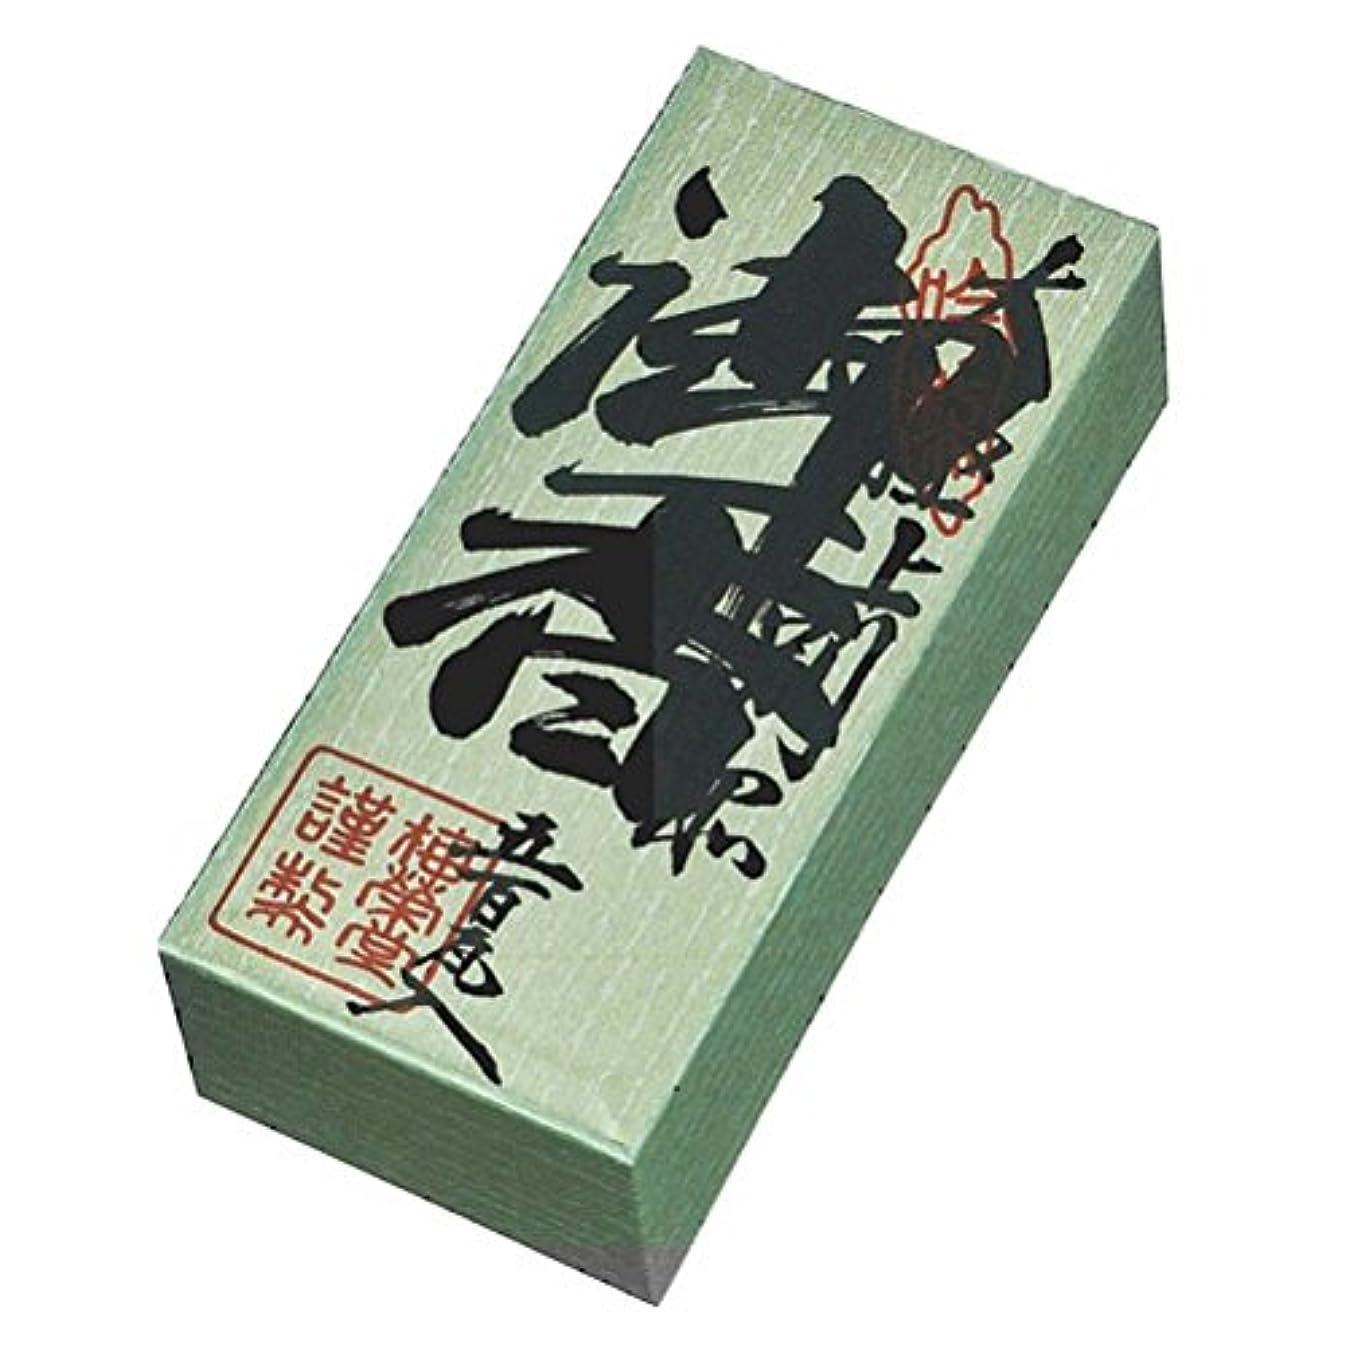 拍手する定期的なフラップ梅檀印 500g 紙箱入り お焼香 梅栄堂